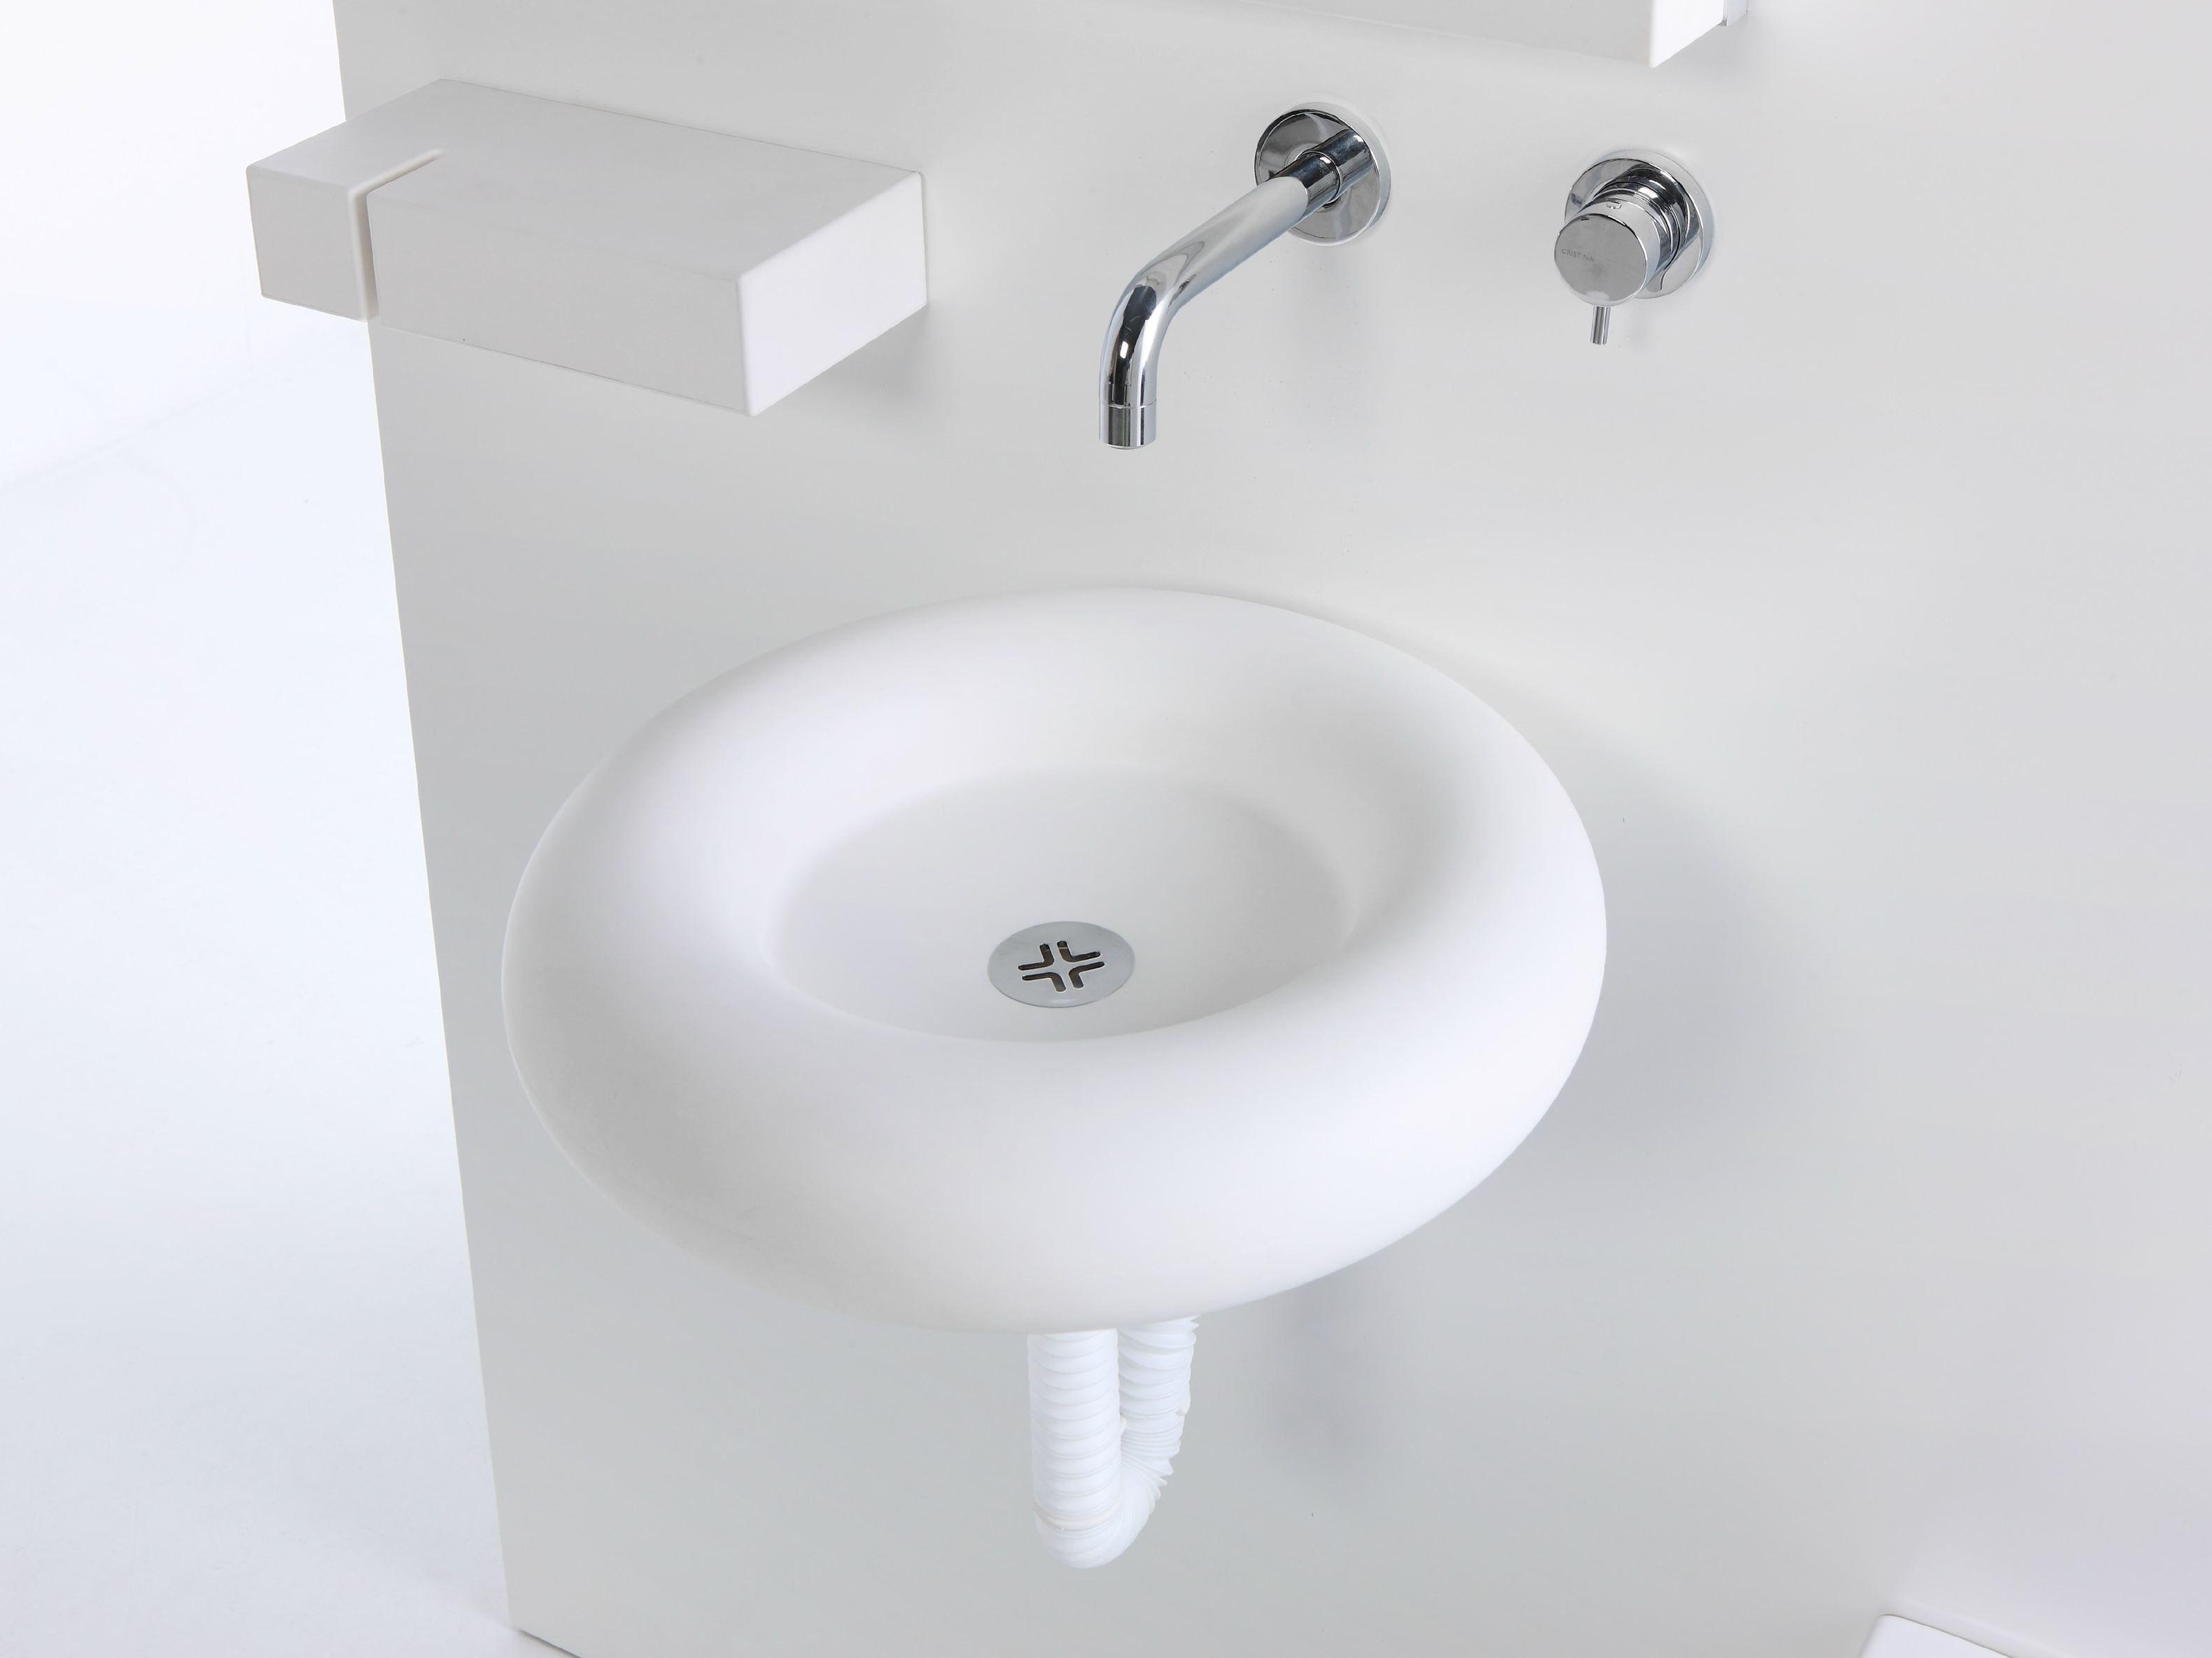 Badezimmer ideen für kinder pin by eikora  shop für badezimmer wohnmöbel und accessoires on